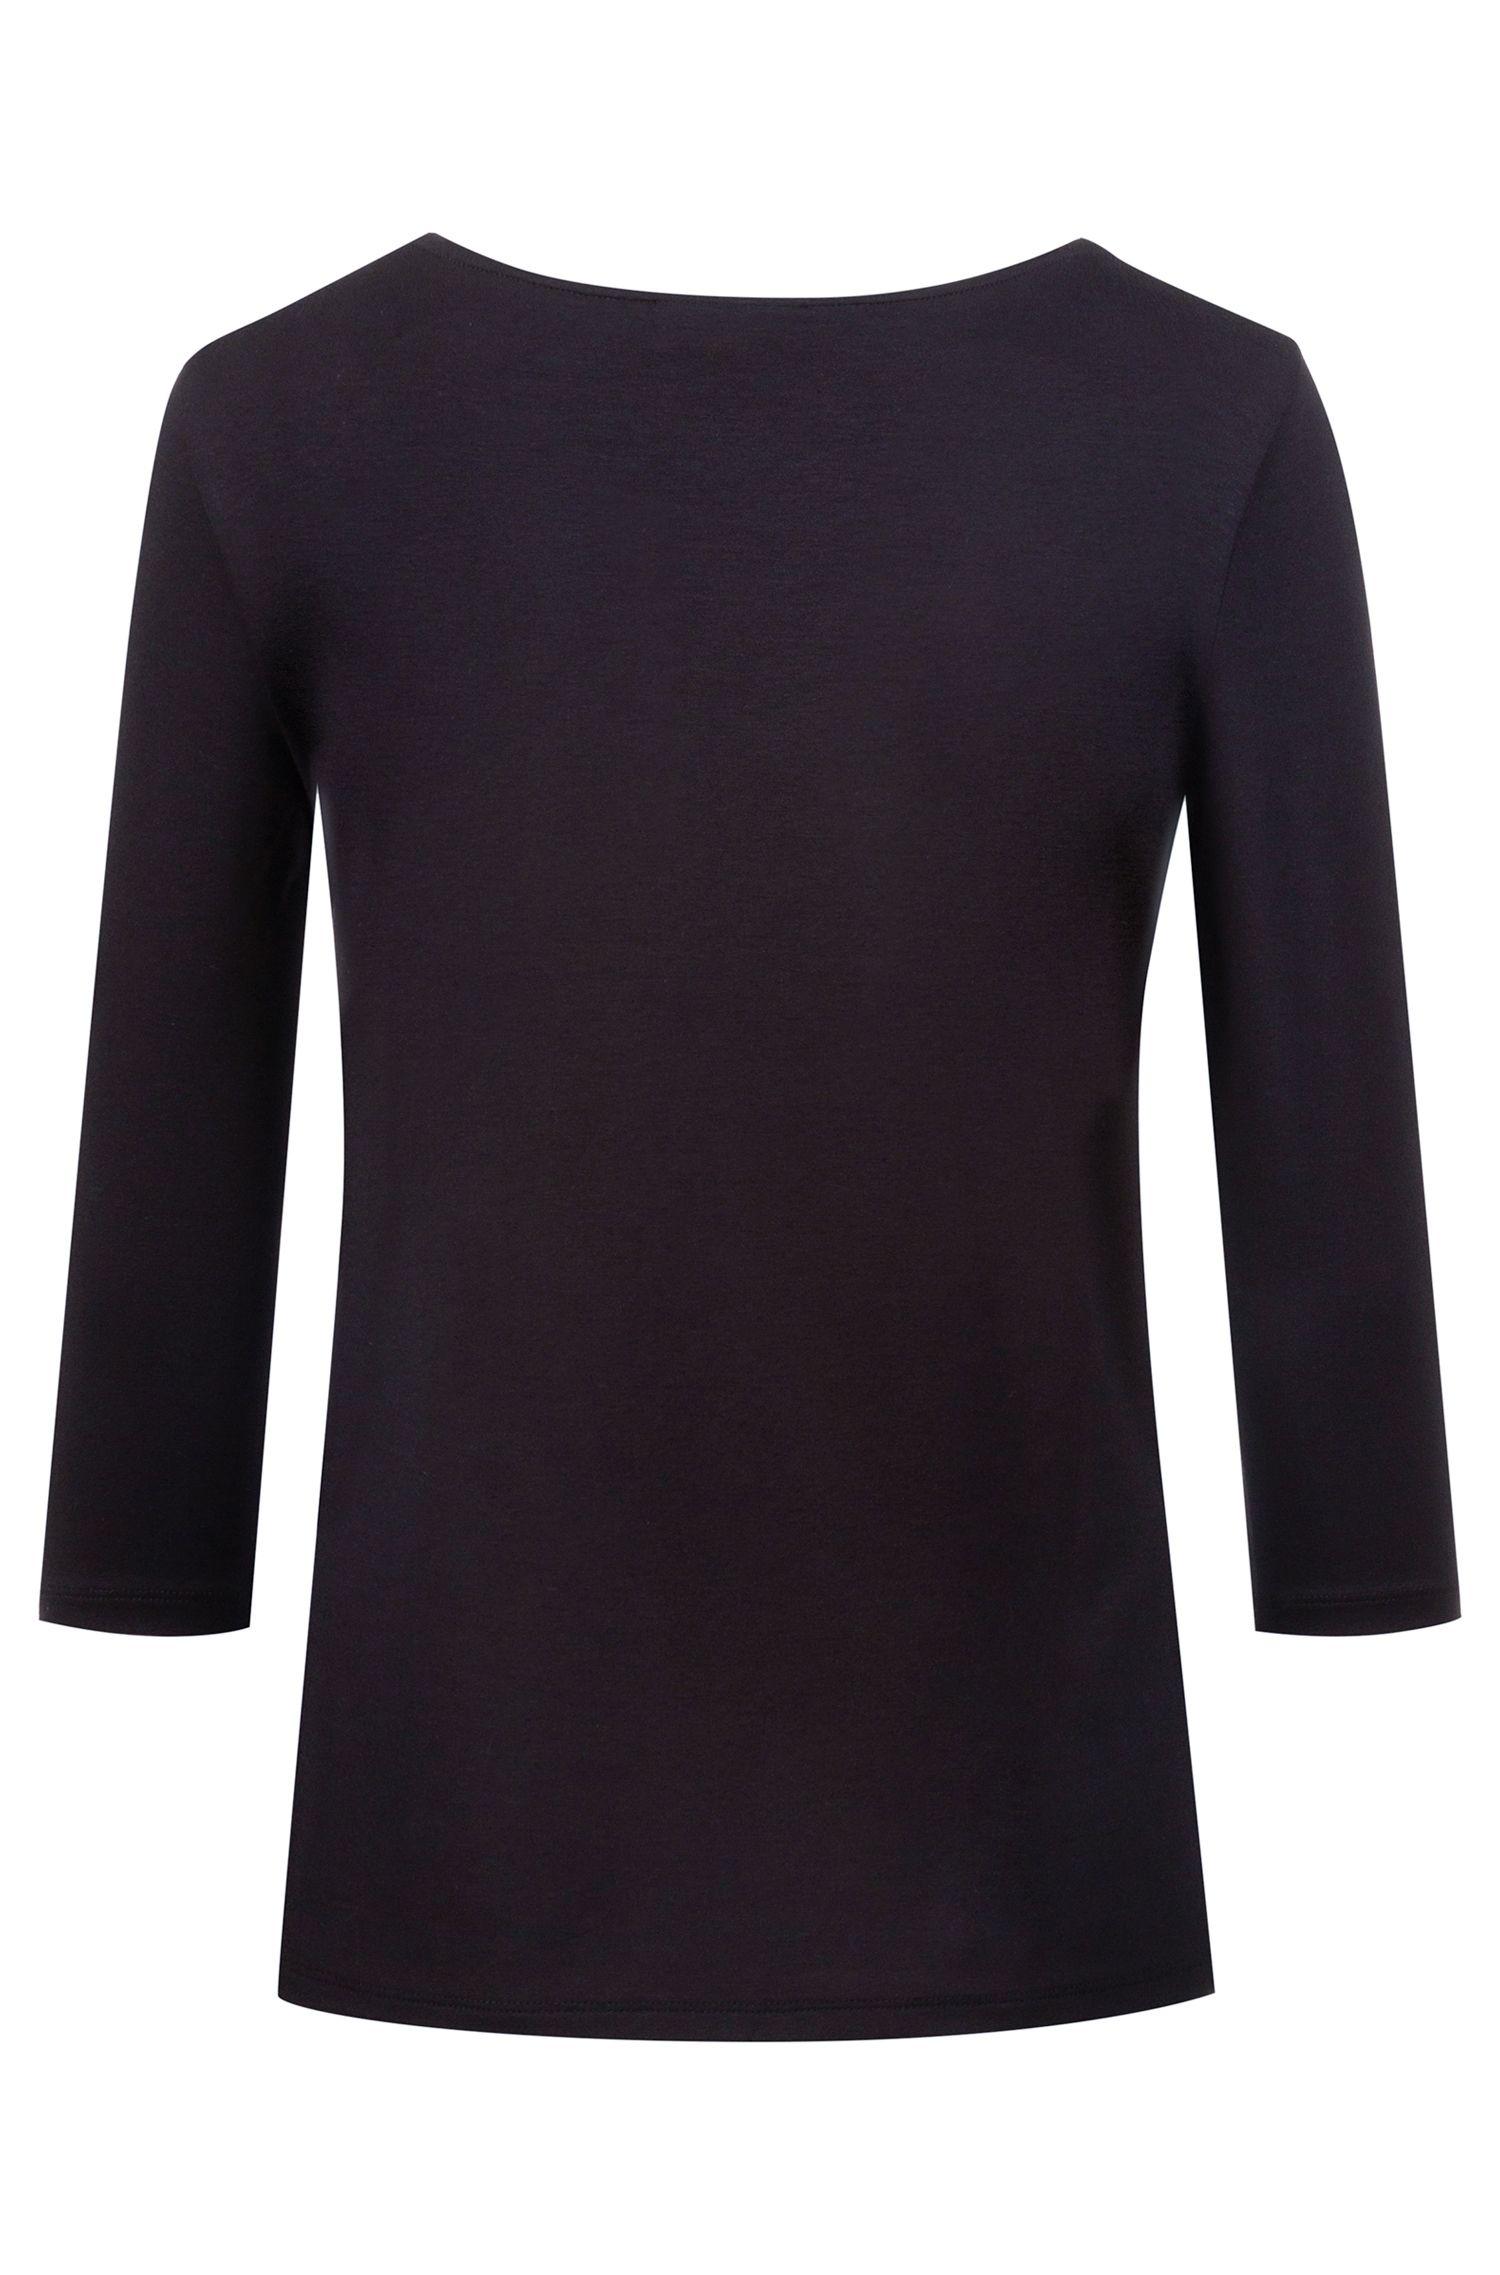 Slim-fit jersey top with logo-embellished keyhole neckline, Black